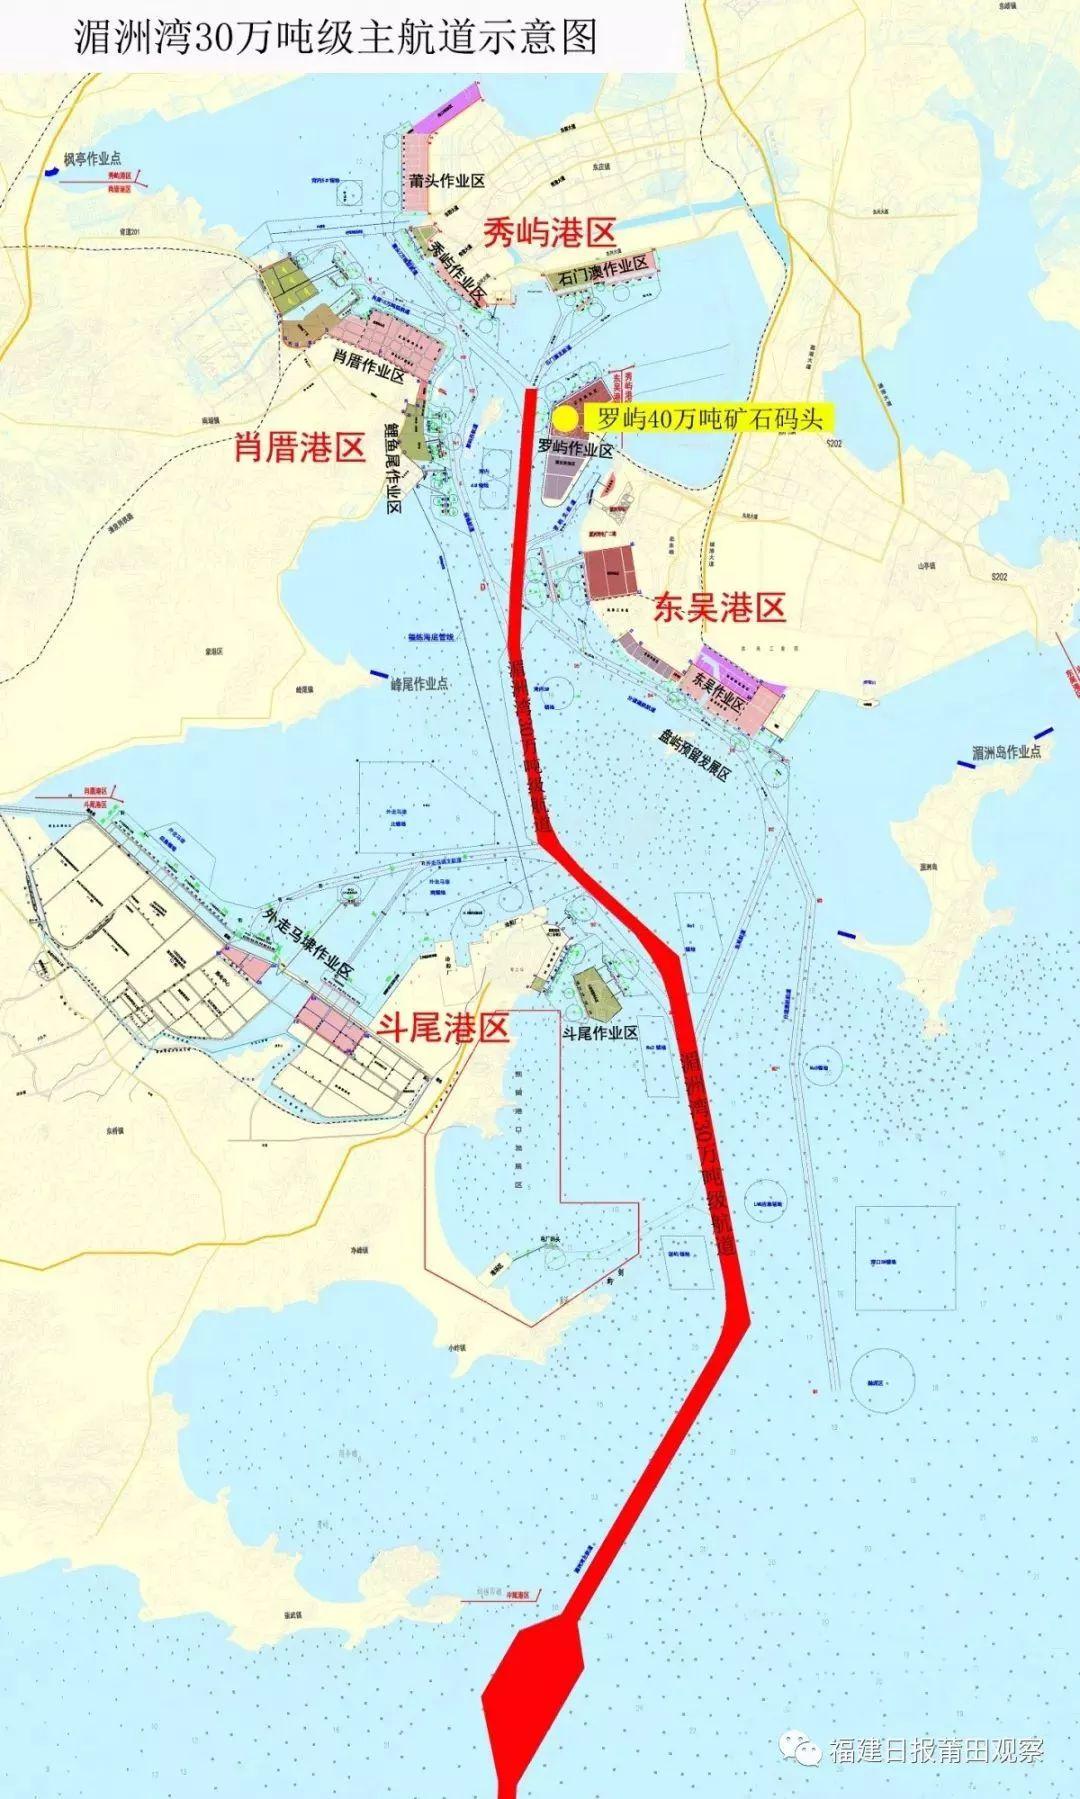 湄洲湾主航道通航等级将提高至40万吨,总投资约6.7亿元